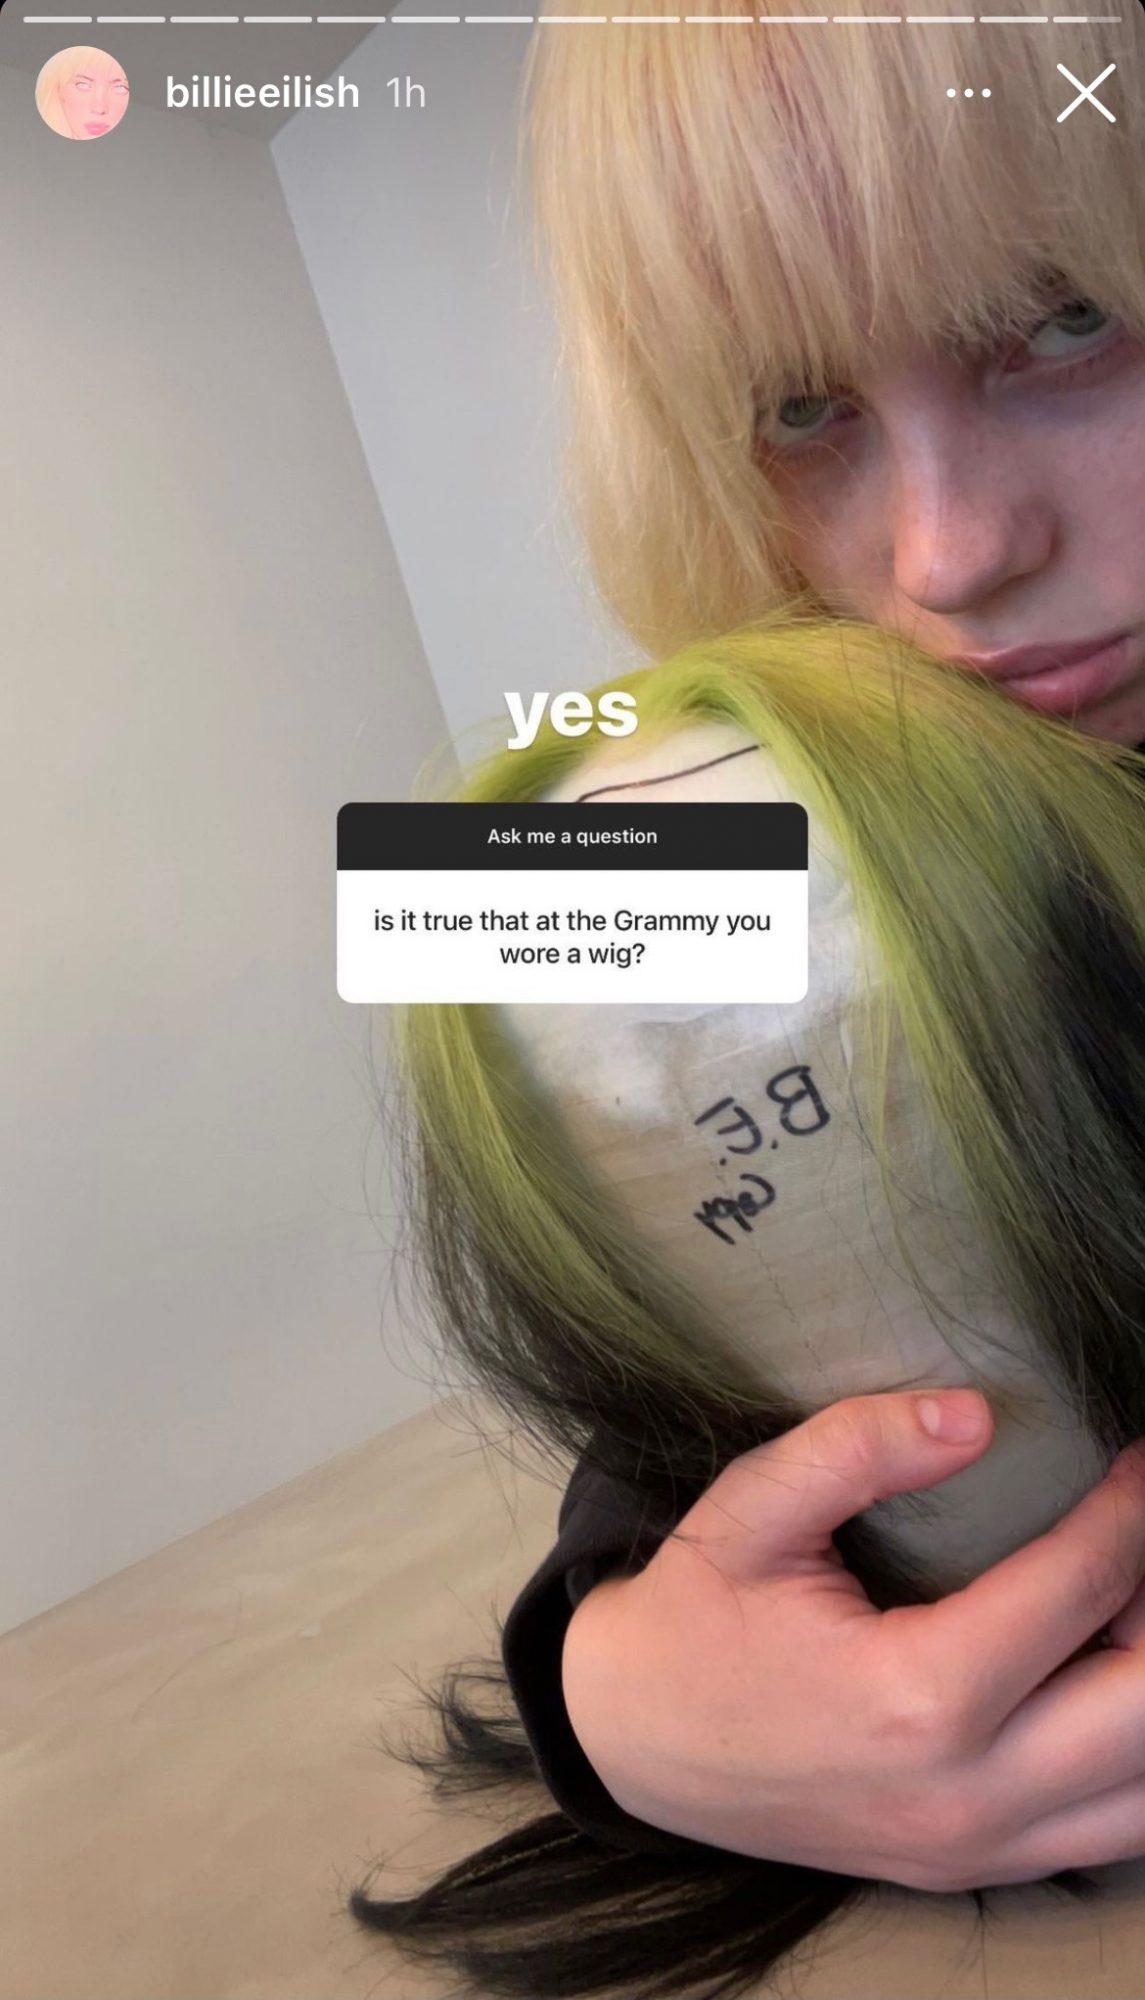 Billie Eilish Grammys wig